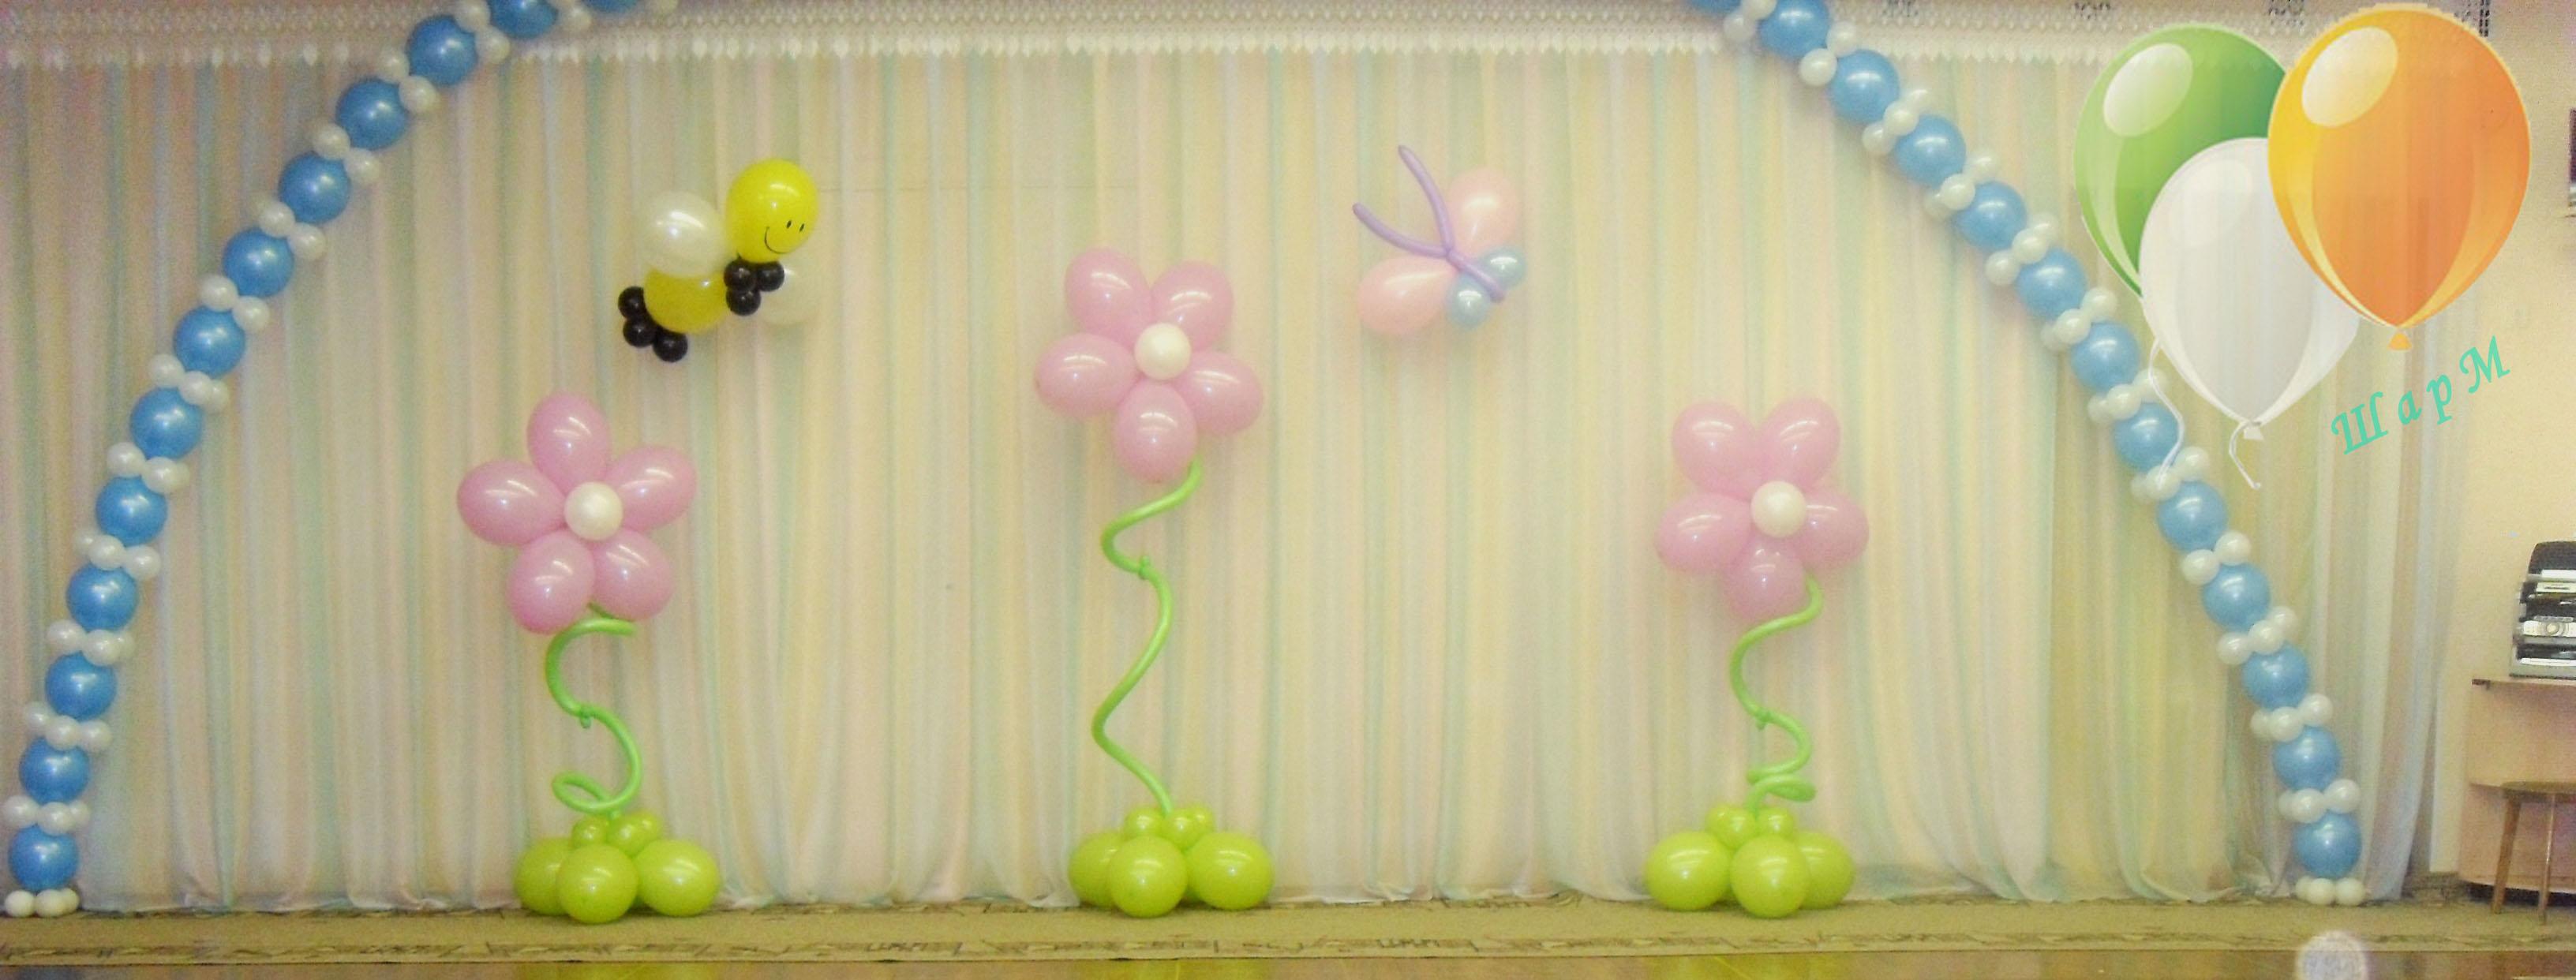 Наша компания специализируется на праздничном оформлении воздушными шарами в городе Новосибирске, и мы с...